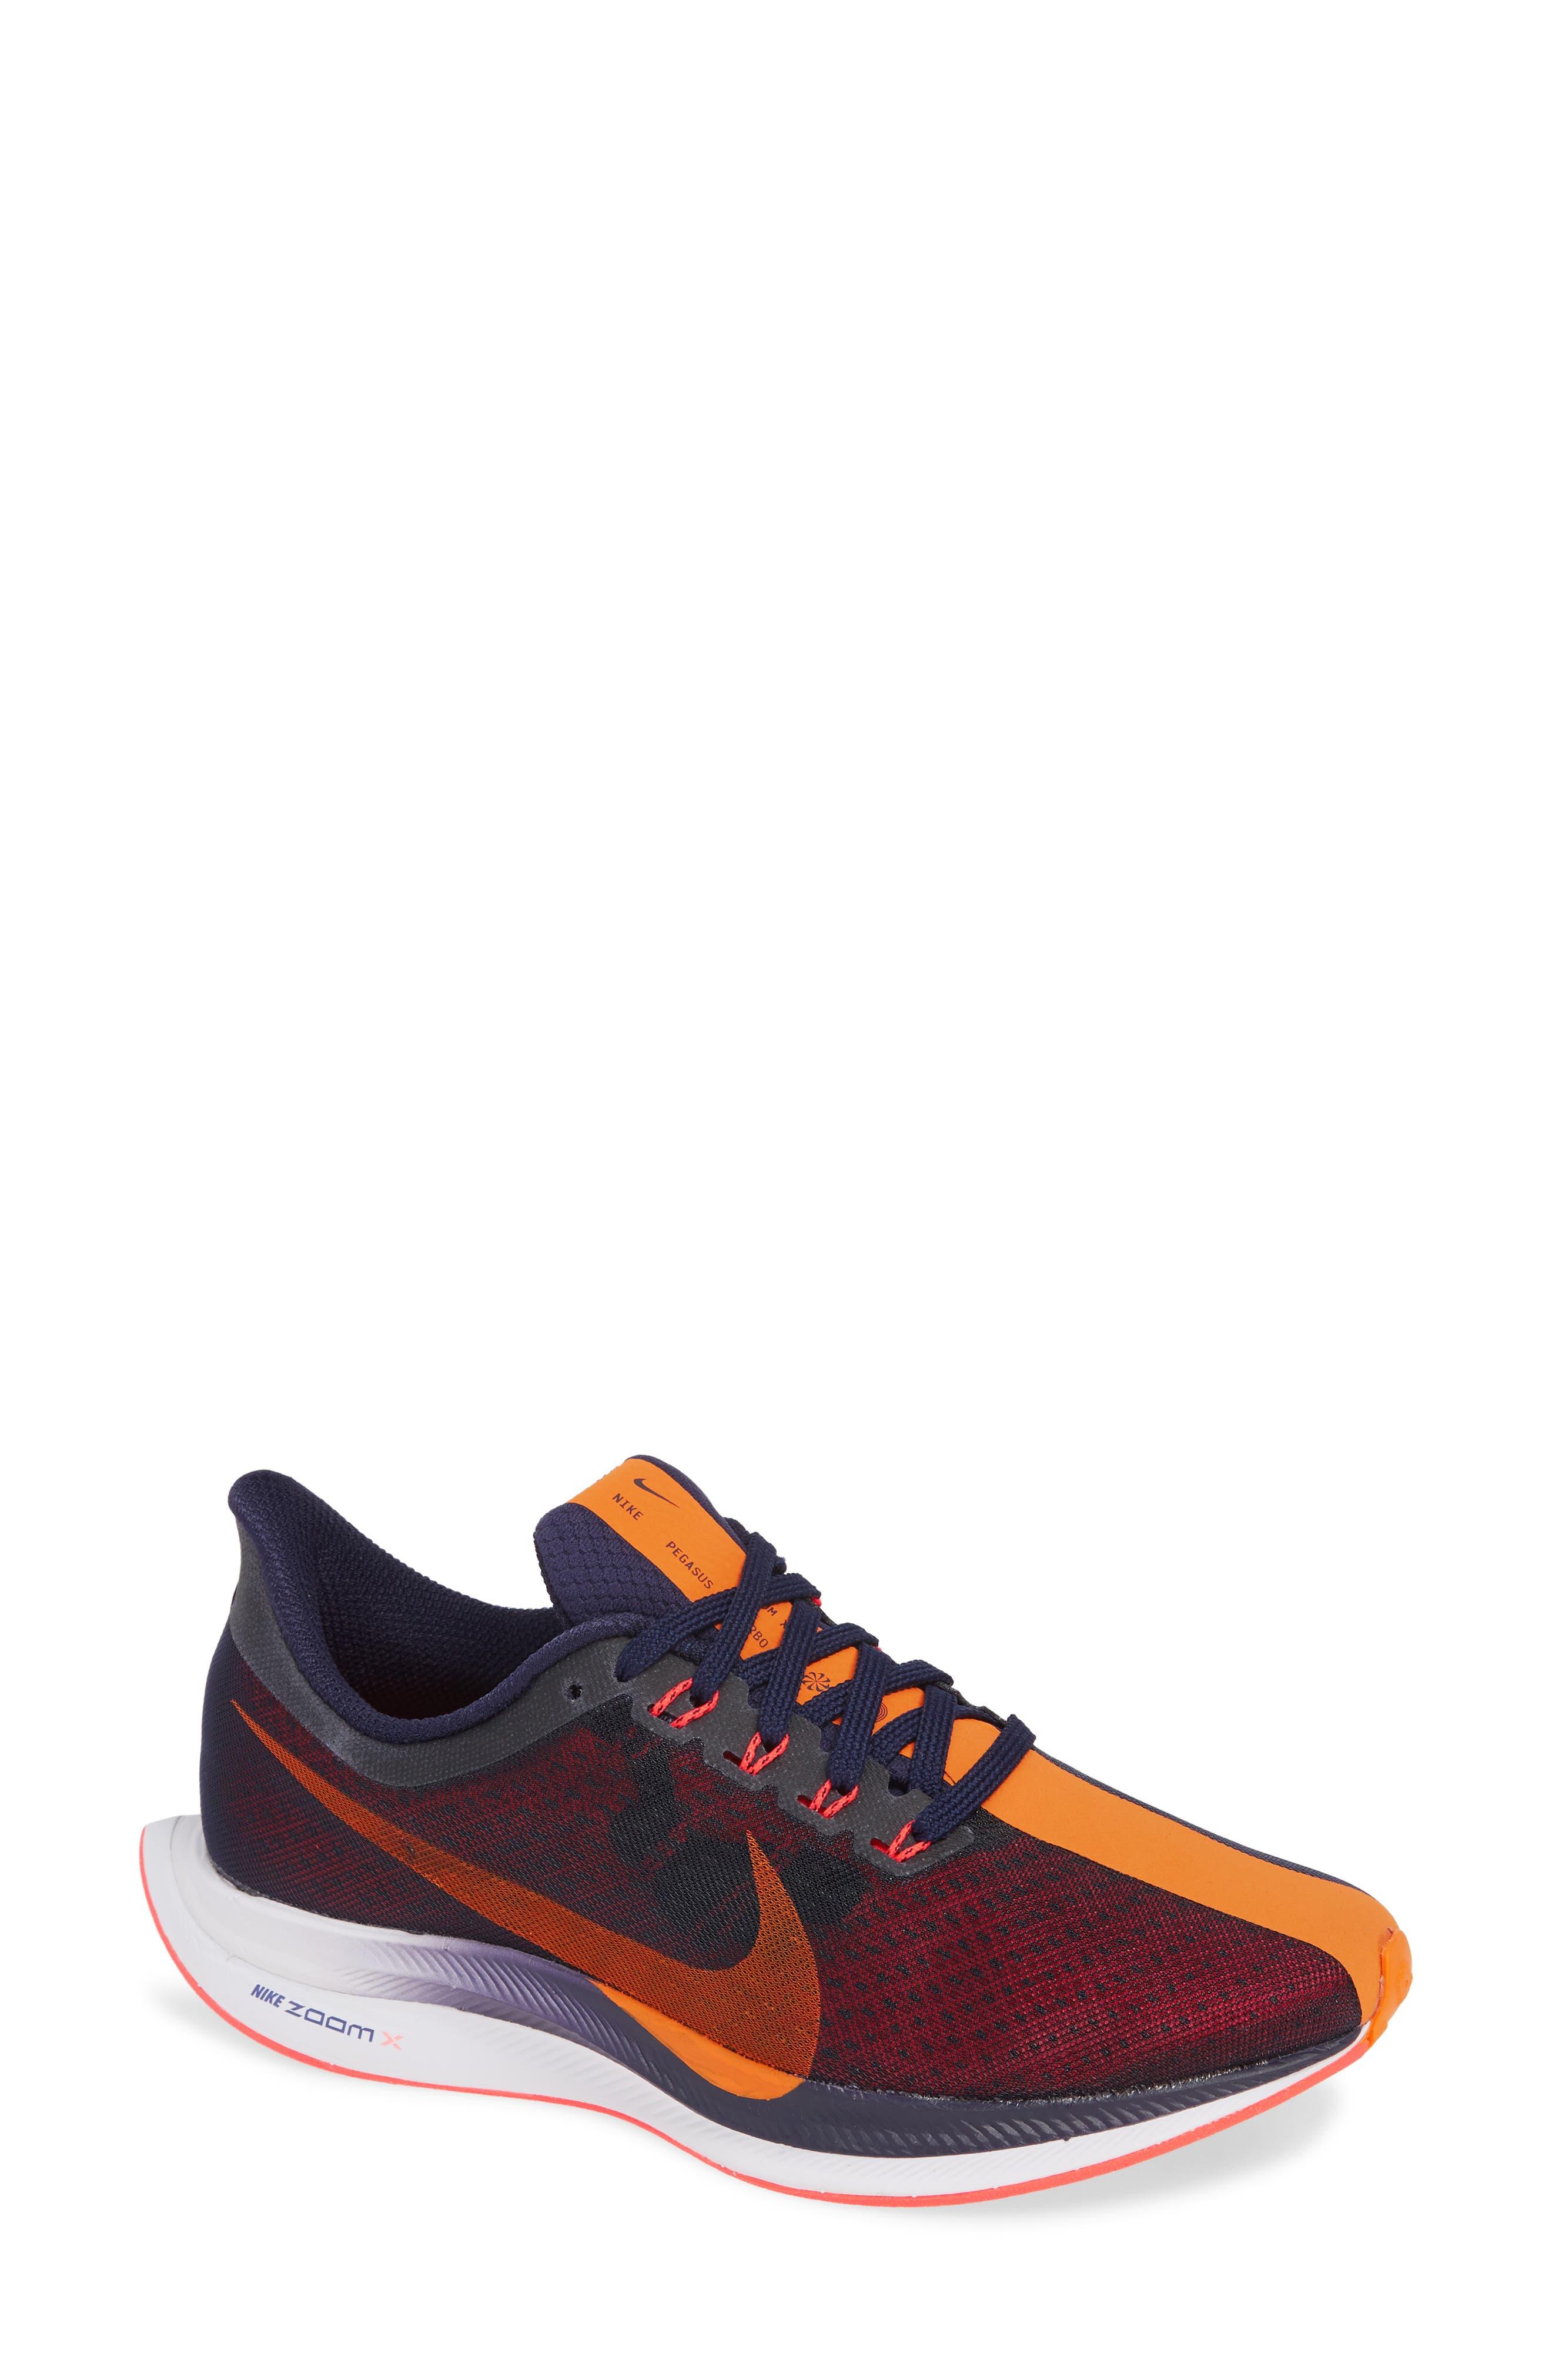 Zoom Pegasus 35 Turbo Running Shoe,                             Main thumbnail 1, color,                             BLACKENED BLUE/ CRIMSON/ BLACK